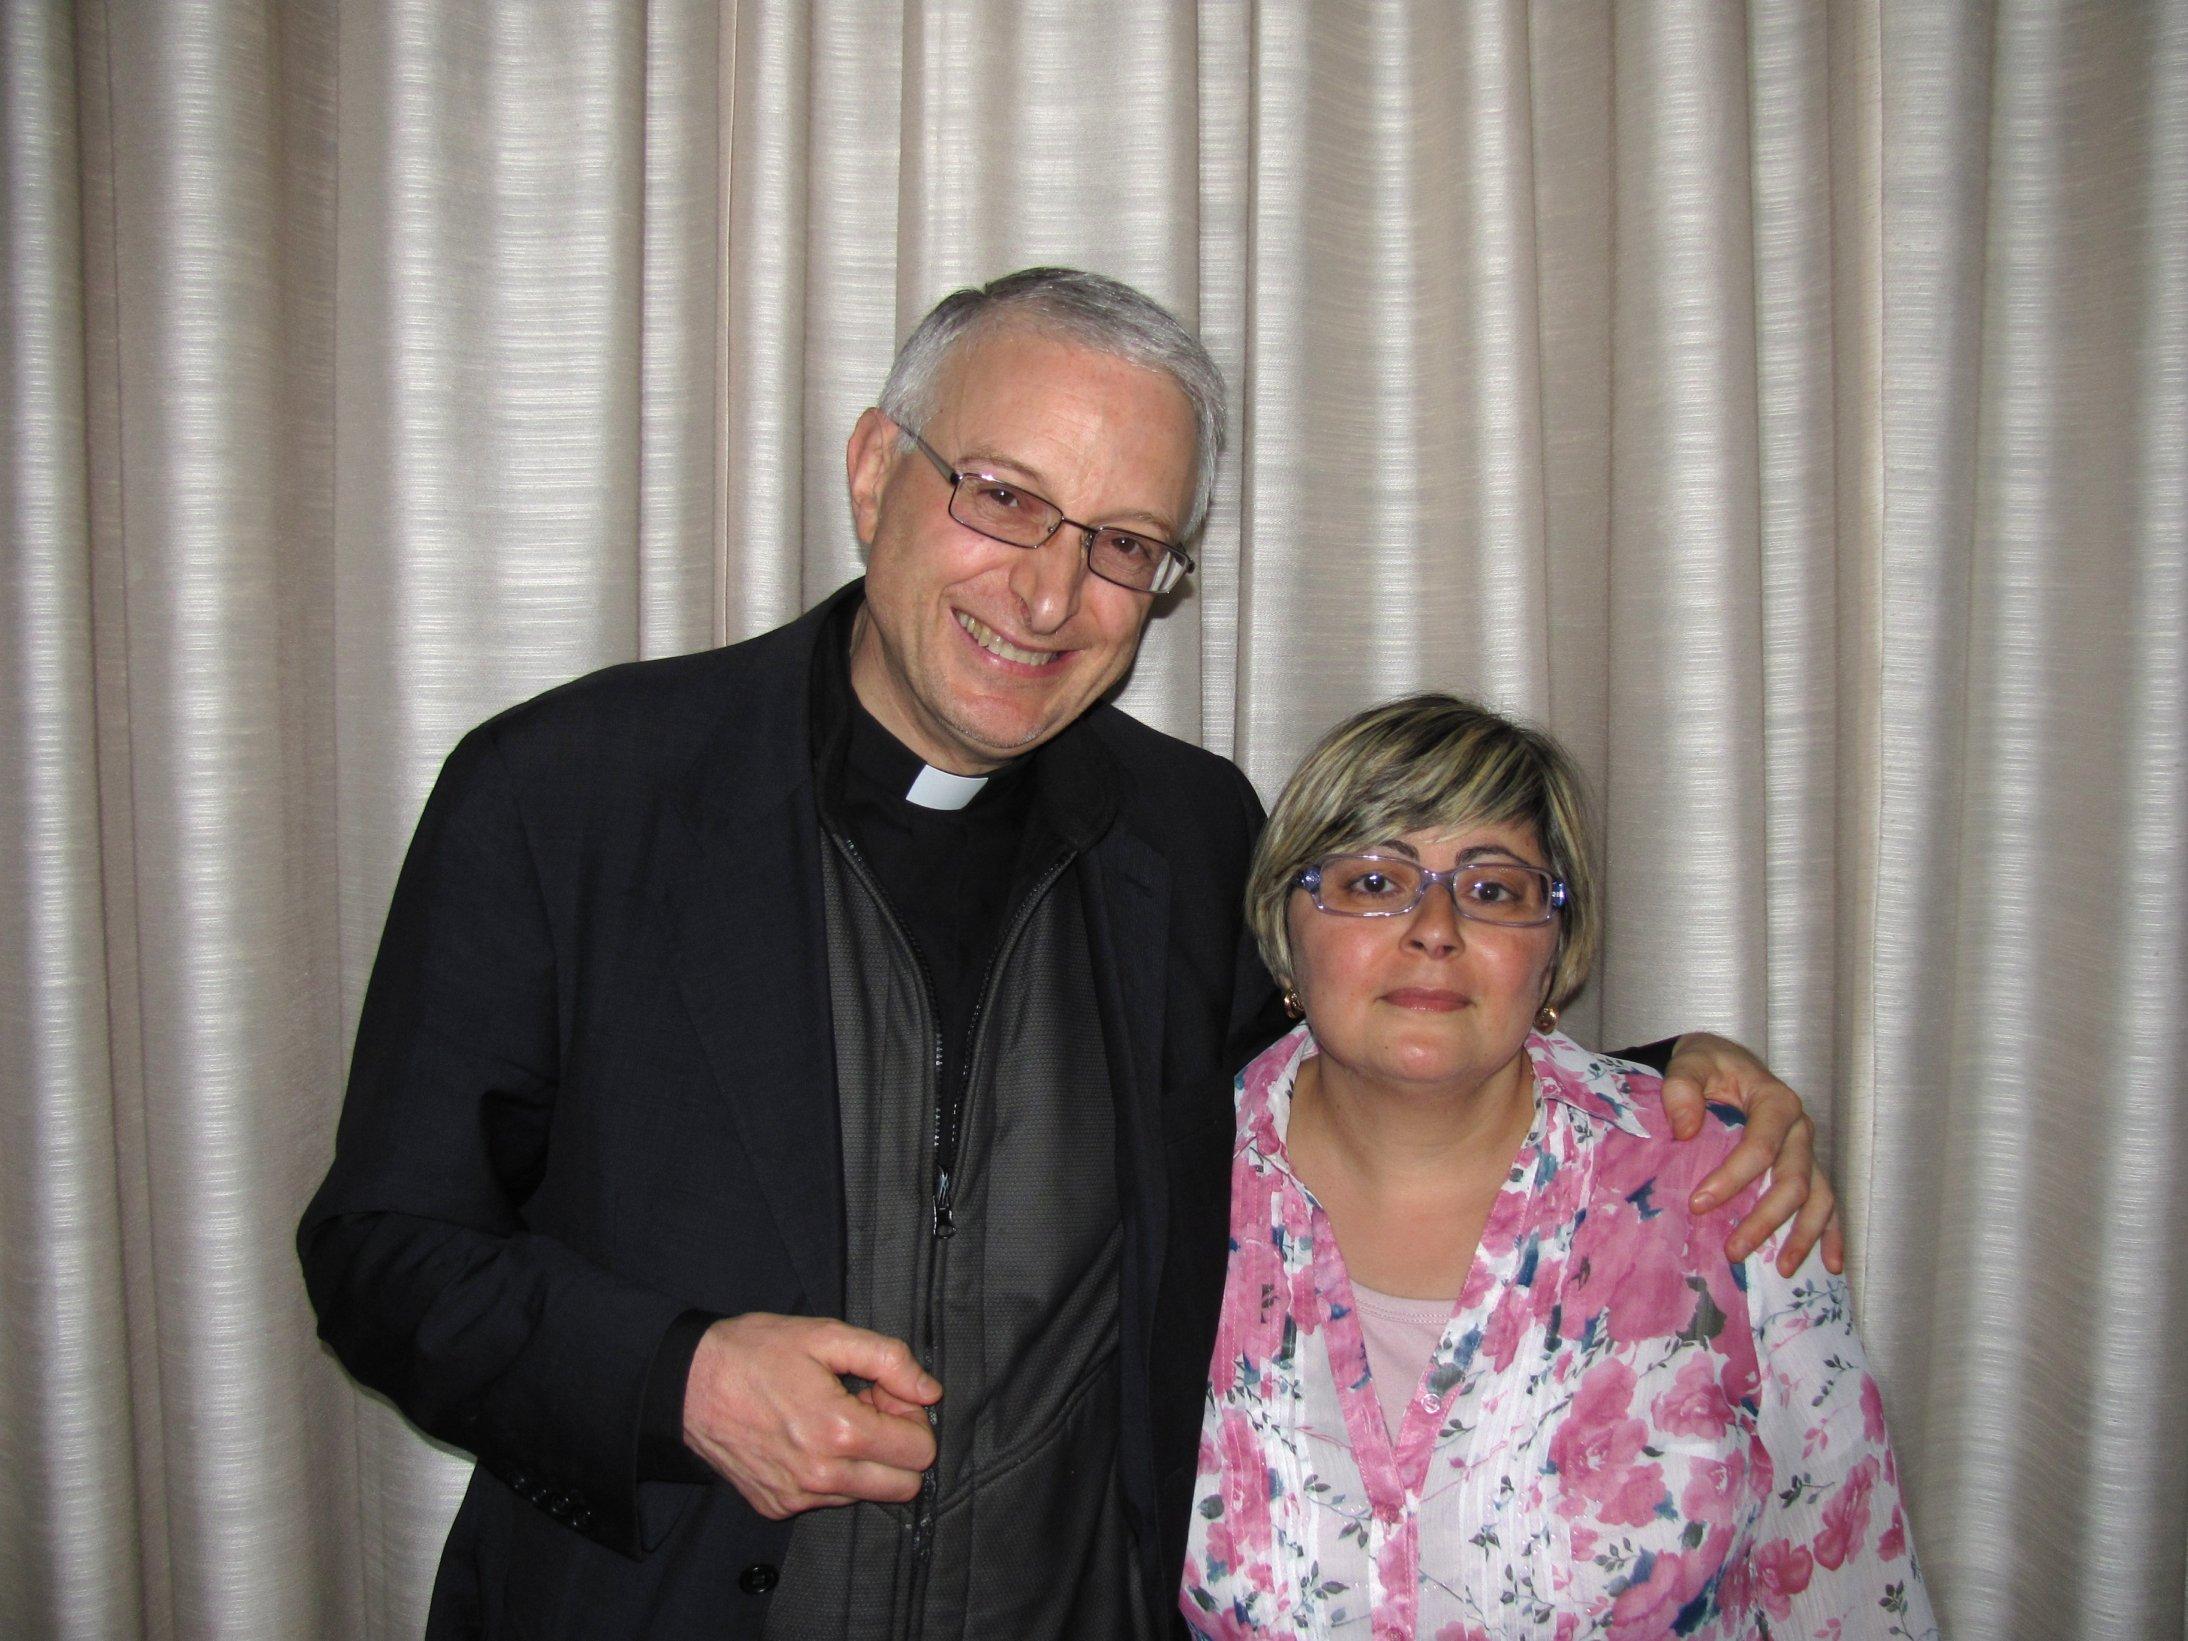 chiusura_anno_catechiste_2013-06-14-20-57-20